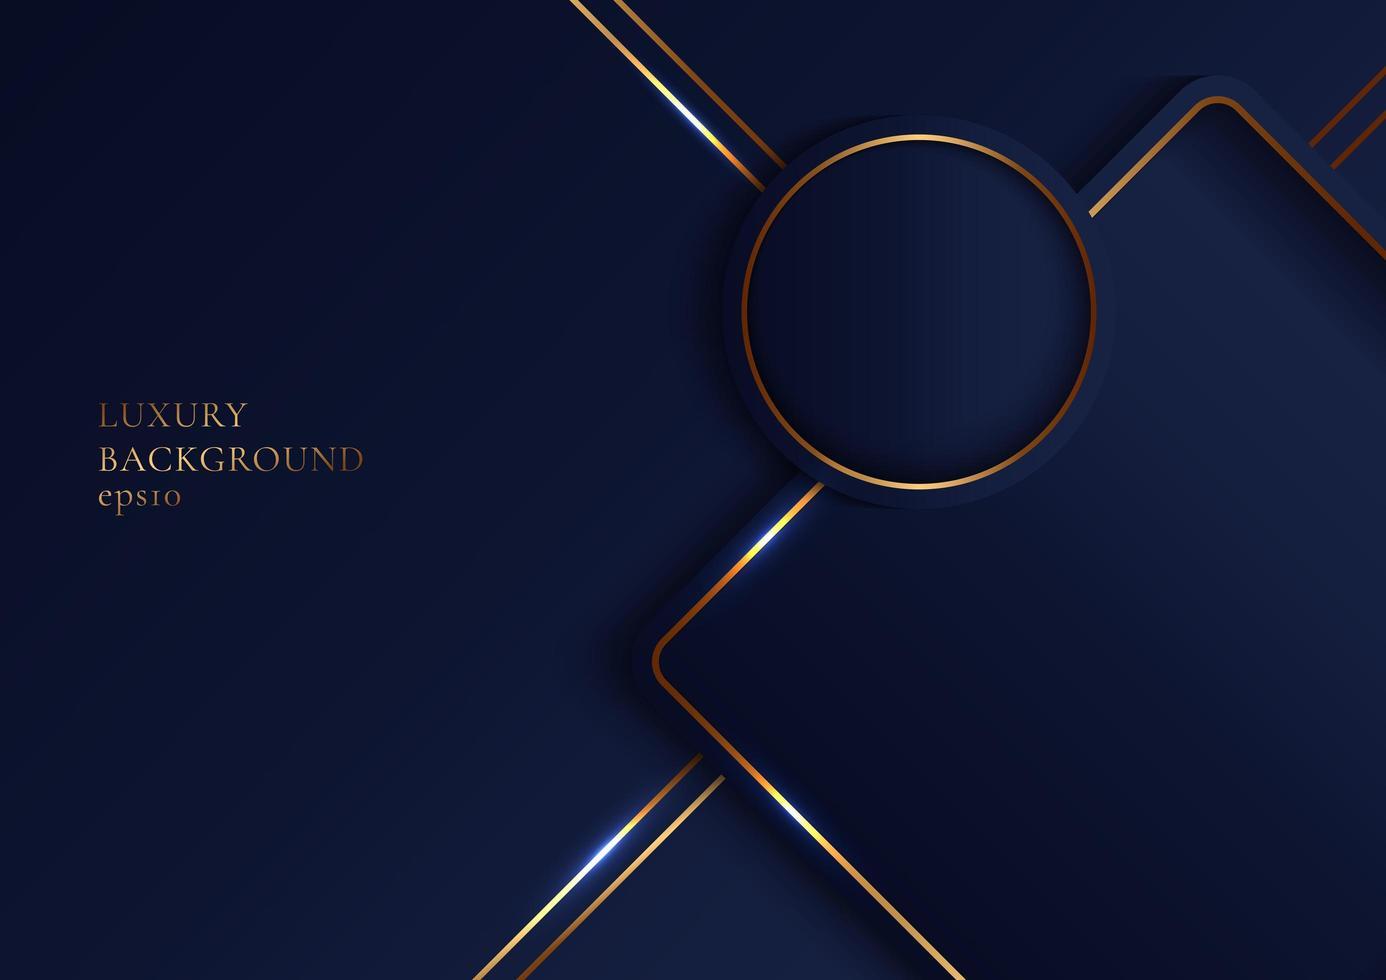 abstrakte elegante geometrische Überlappungsschichten mit Goldstreifen vektor